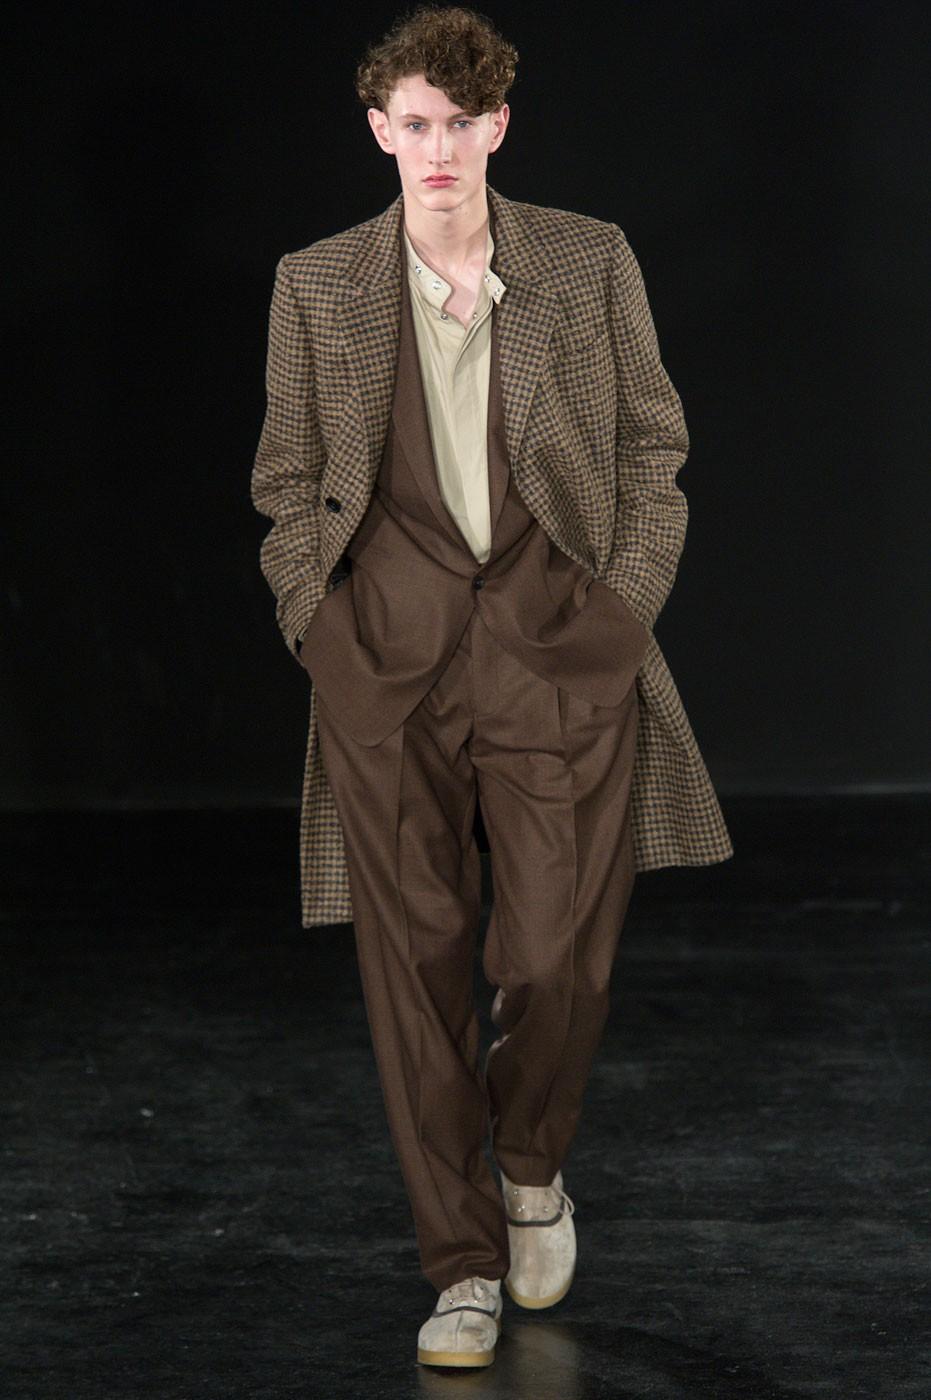 E. Tautz - Semana de Moda de Londres 2017 (Foto: Imaxtree)